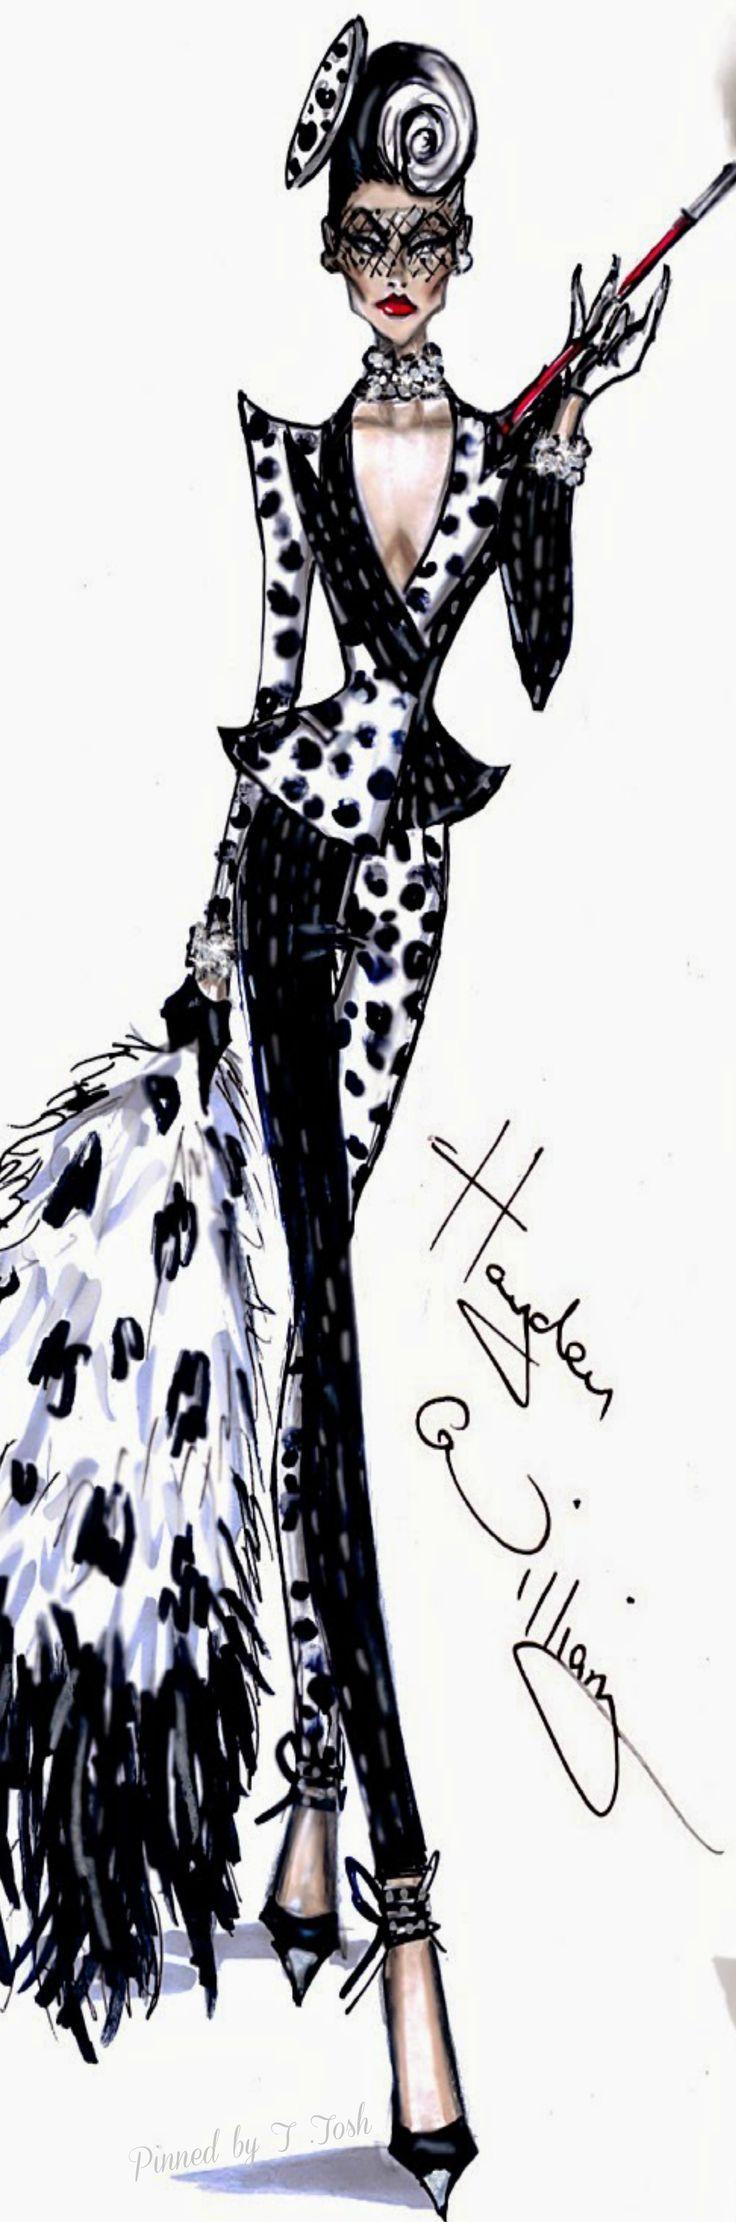 Cruella de vil fashion 14